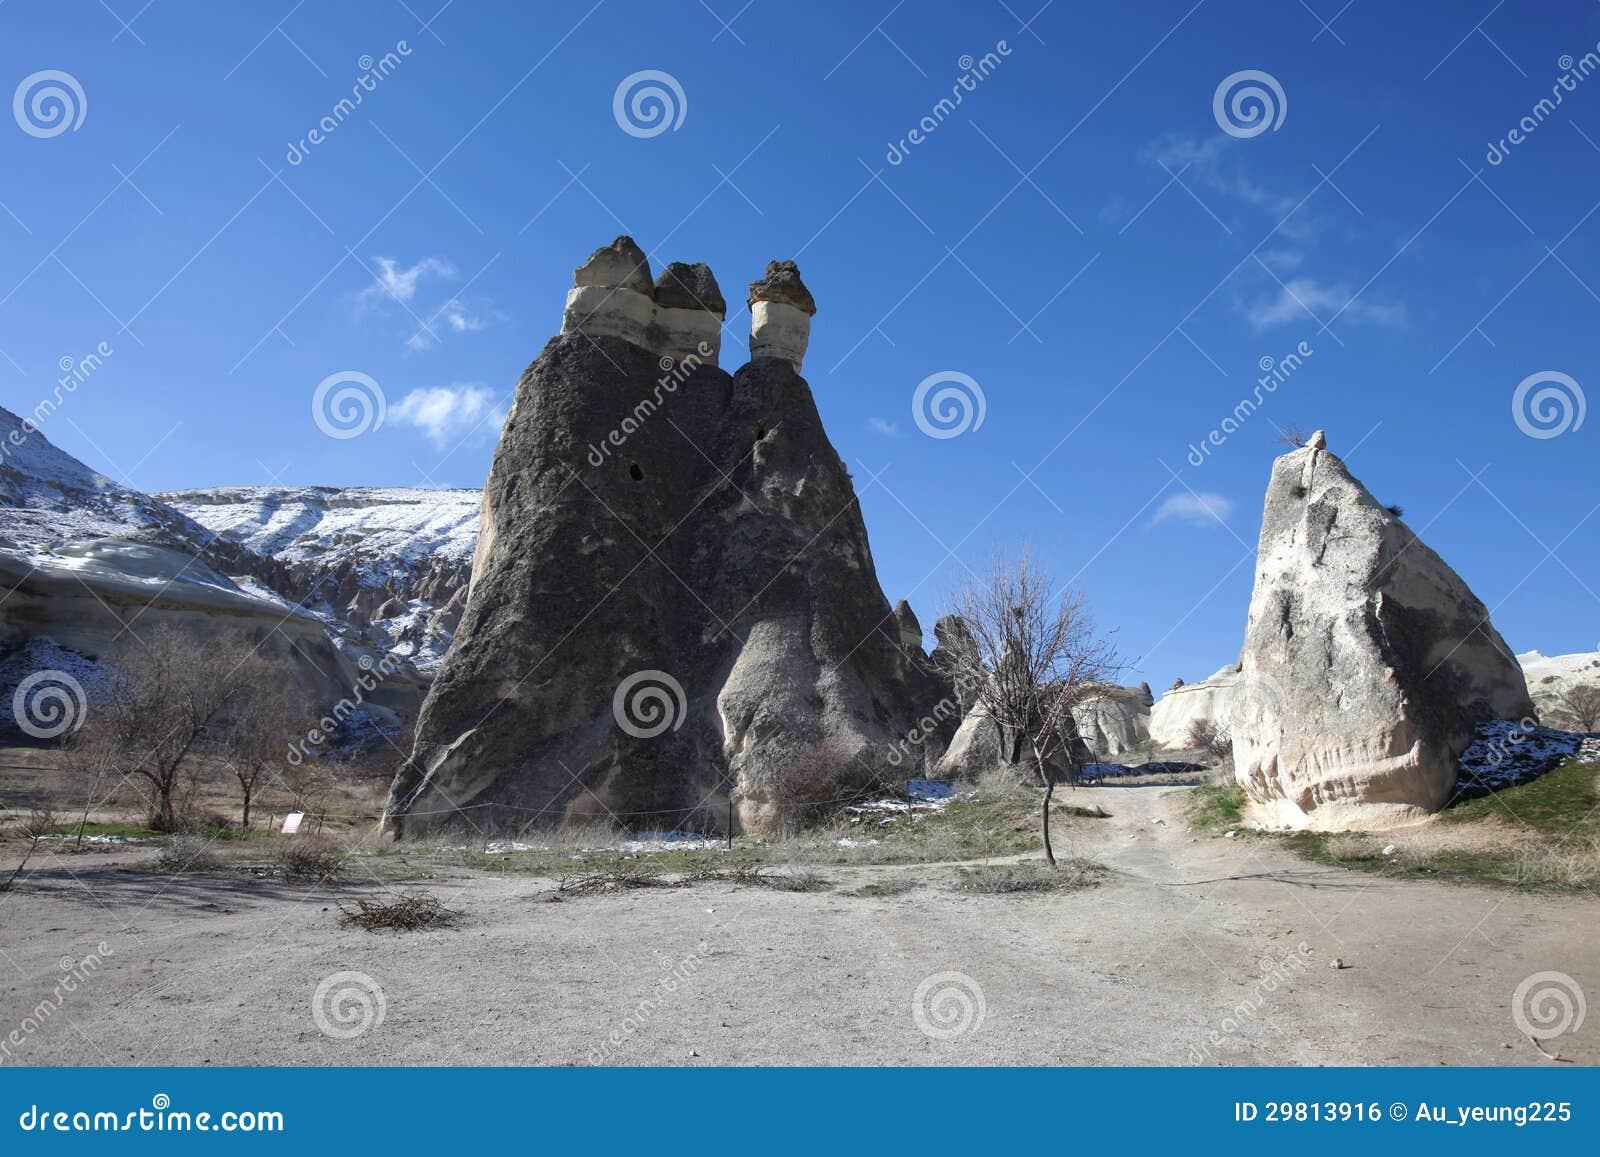 Het landschap van de schoorsteen van de fee van cappadocia reis turkije royalty vrije stock - Centraal geschorste schoorsteen ...